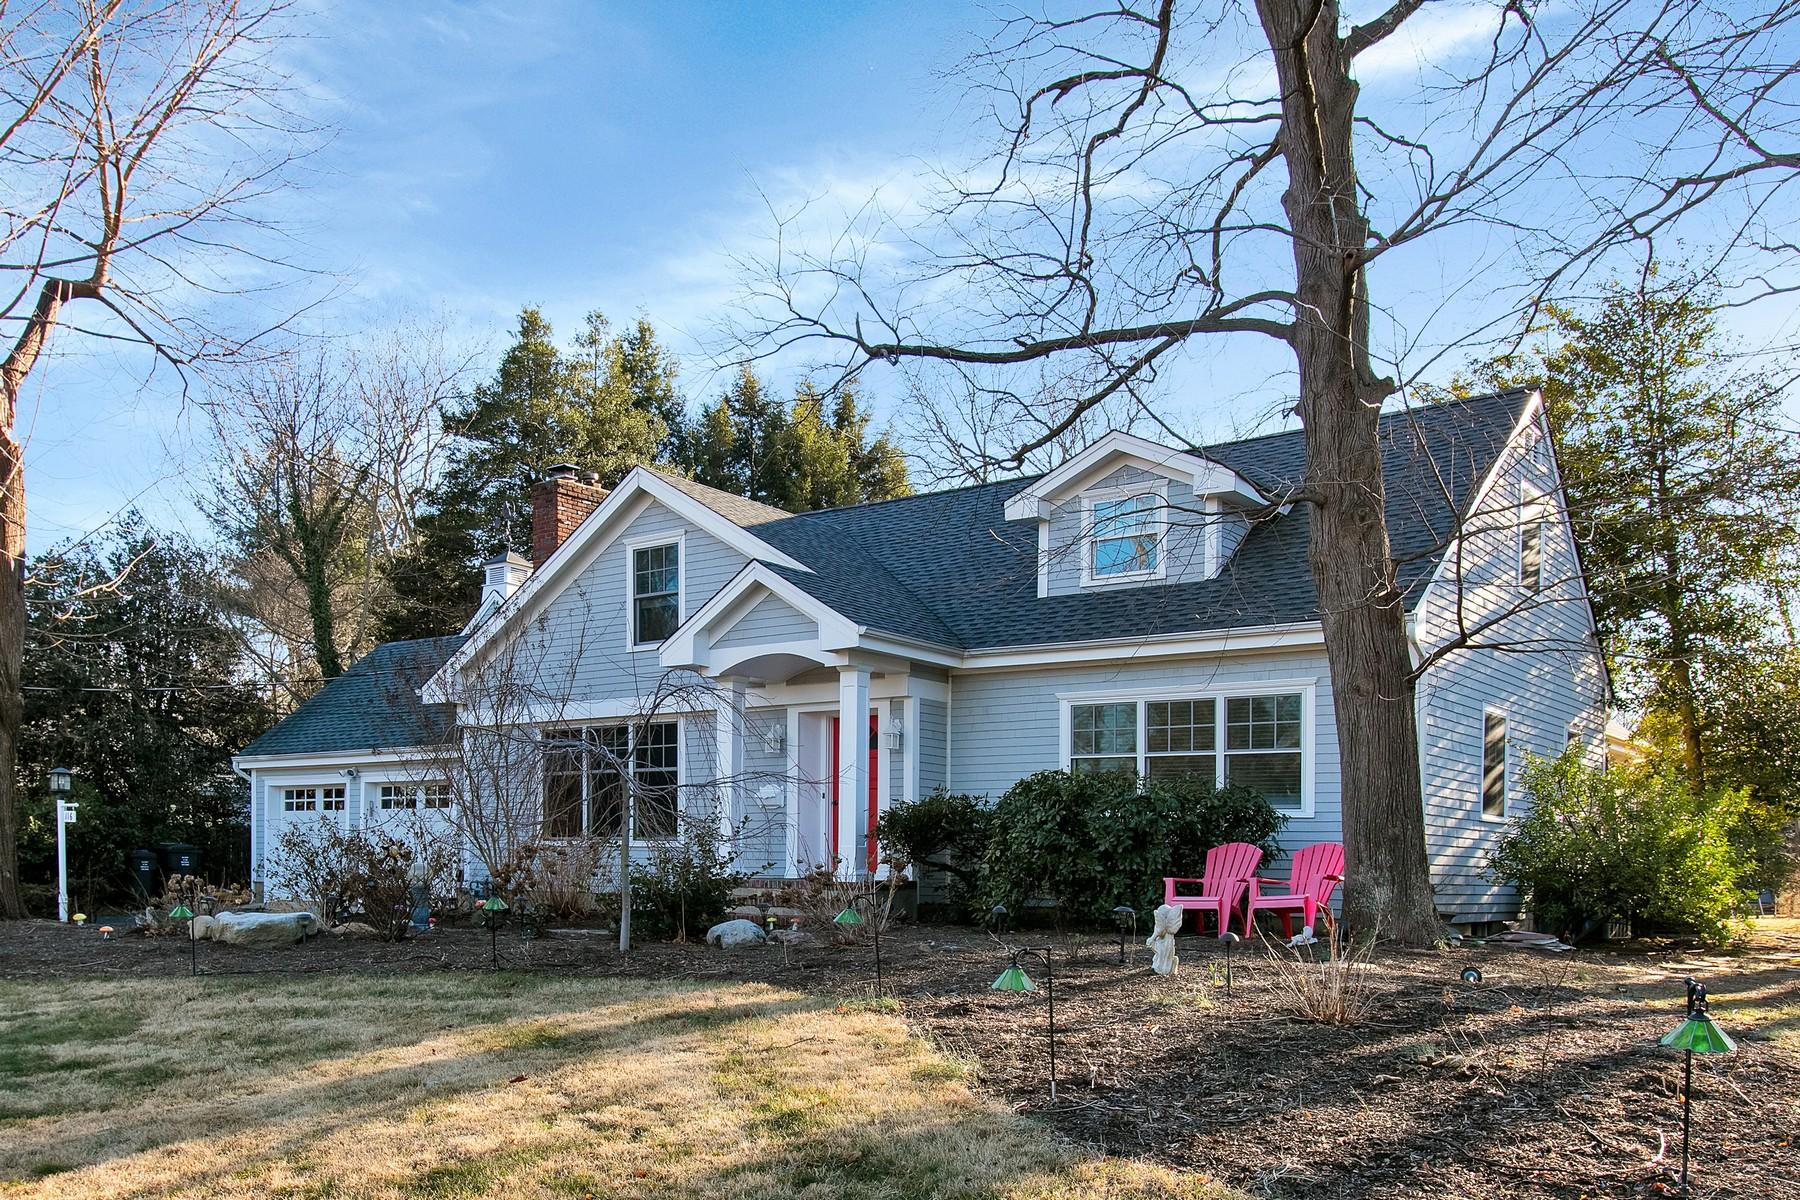 一戸建て のために 売買 アット Updated home with deeded river rights on a Cul-de-Sac 116 Lewis Lane Fair Haven, ニュージャージー, 07704 アメリカ合衆国